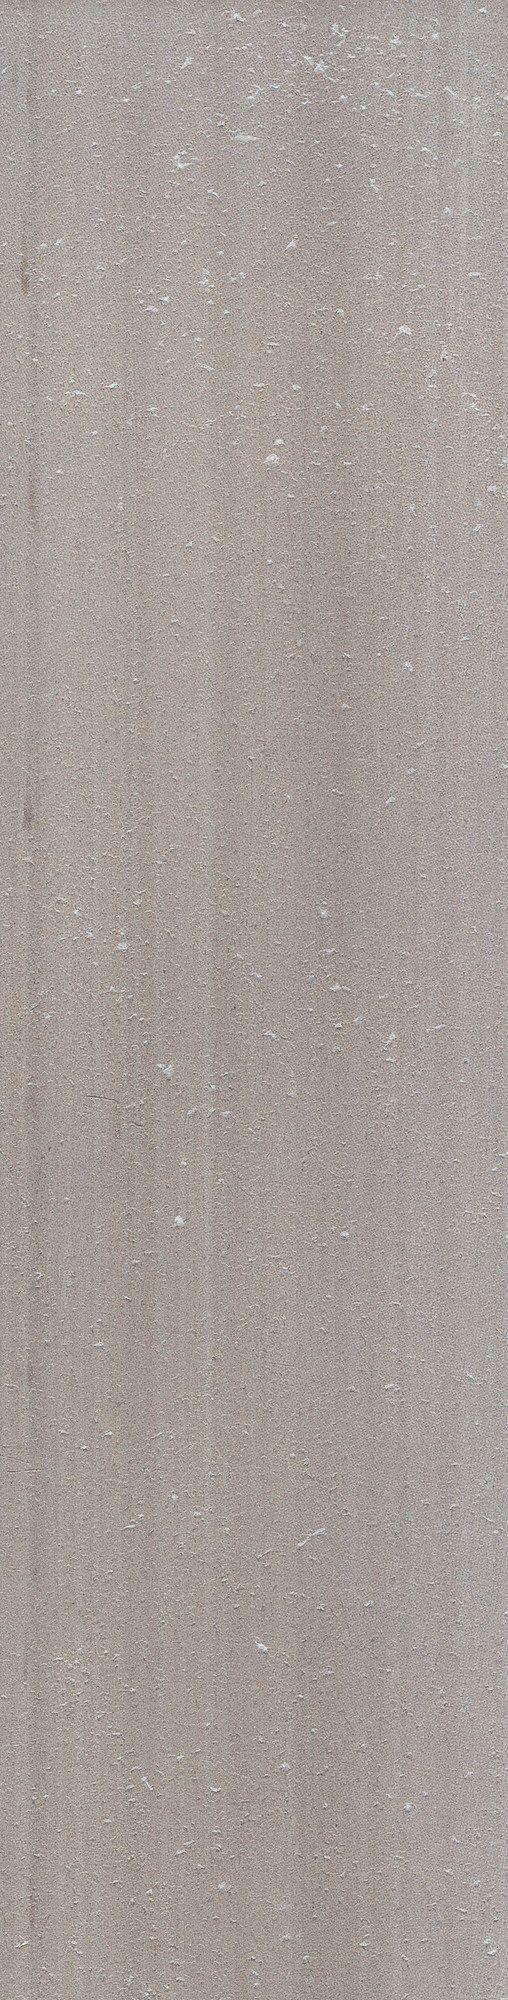 Pavimento in gres porcellanato a tutta massa effetto legno - Gres porcellanato tutta massa ...